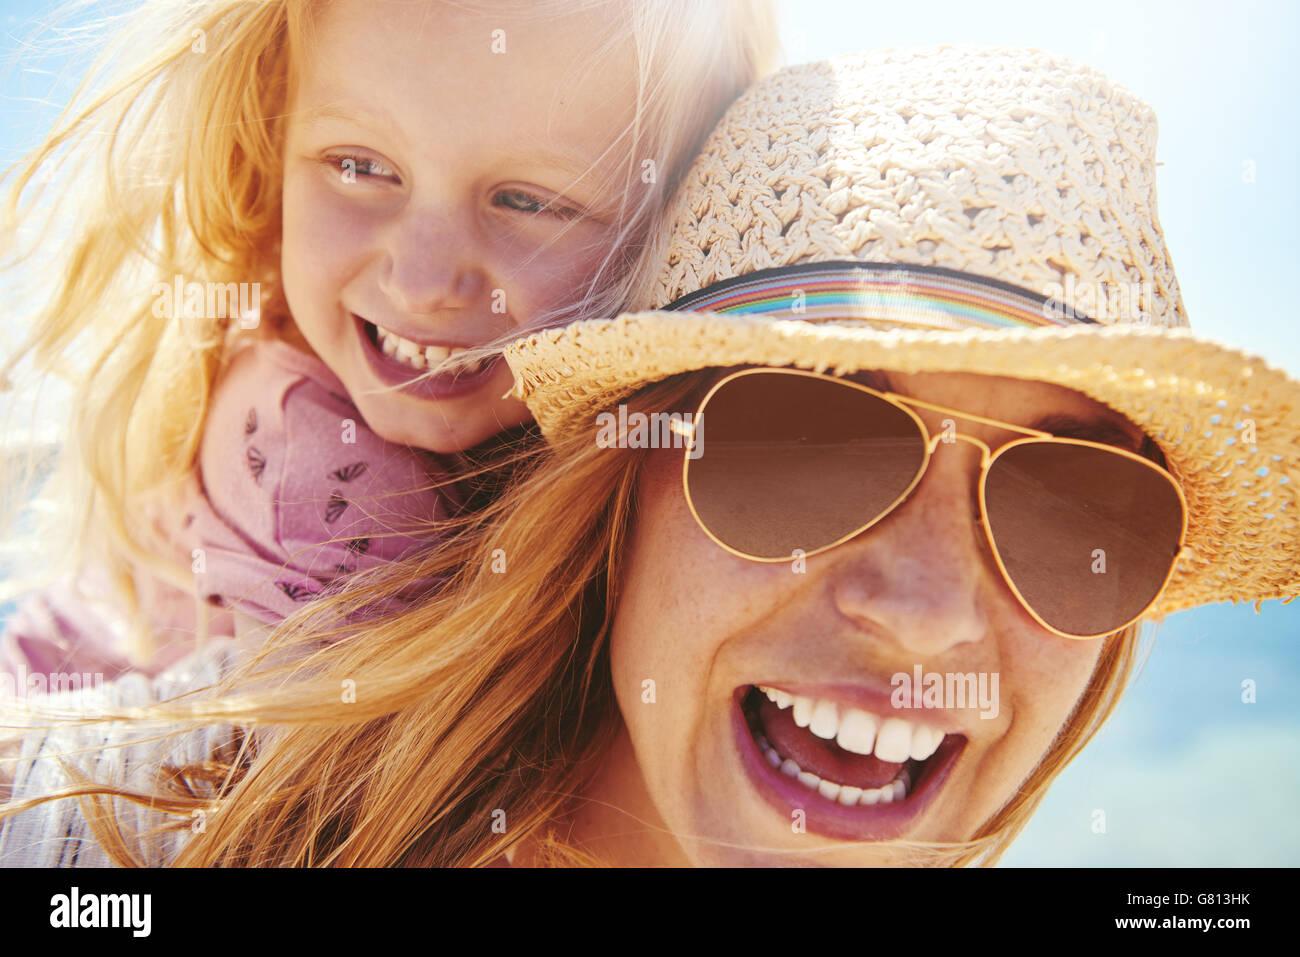 Laughing joven madre en una moderna gorra y gafas de sol dando su pequeña hija un piggy back afuera en el sol Imagen De Stock